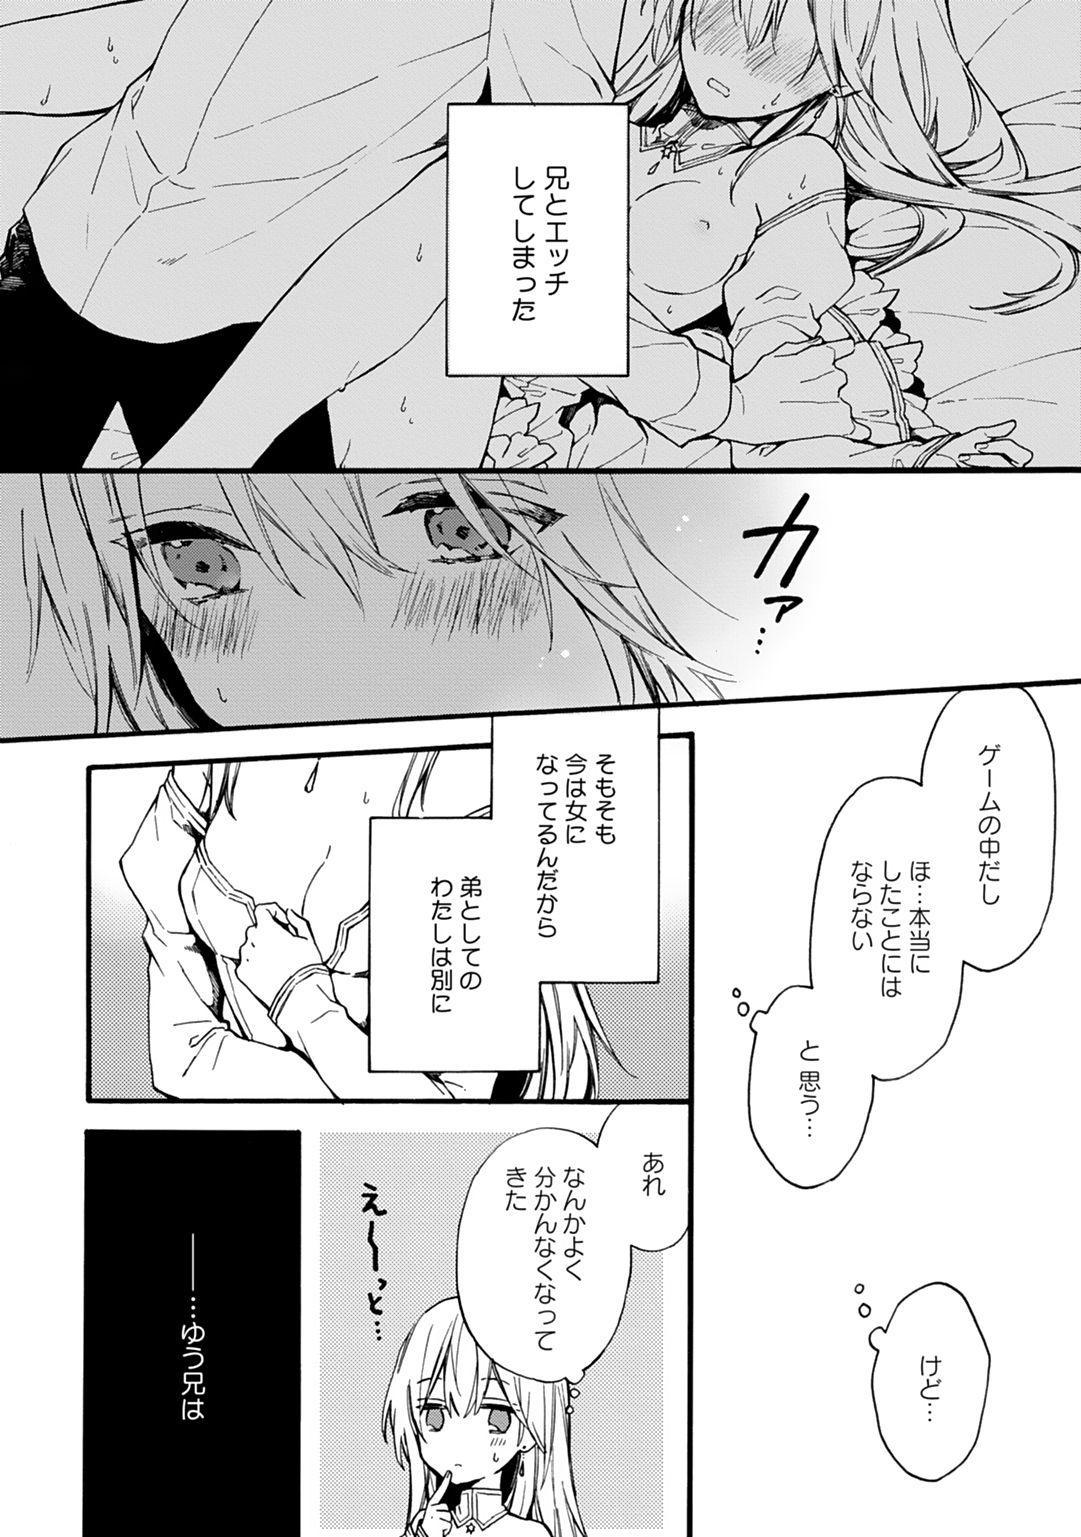 [Suzushiro Nerita] Otomege (18-kin) de Nyotaika shita Ore wa ~Clear Jouken wa Dekiai Ecchi!?~ 1-2 39